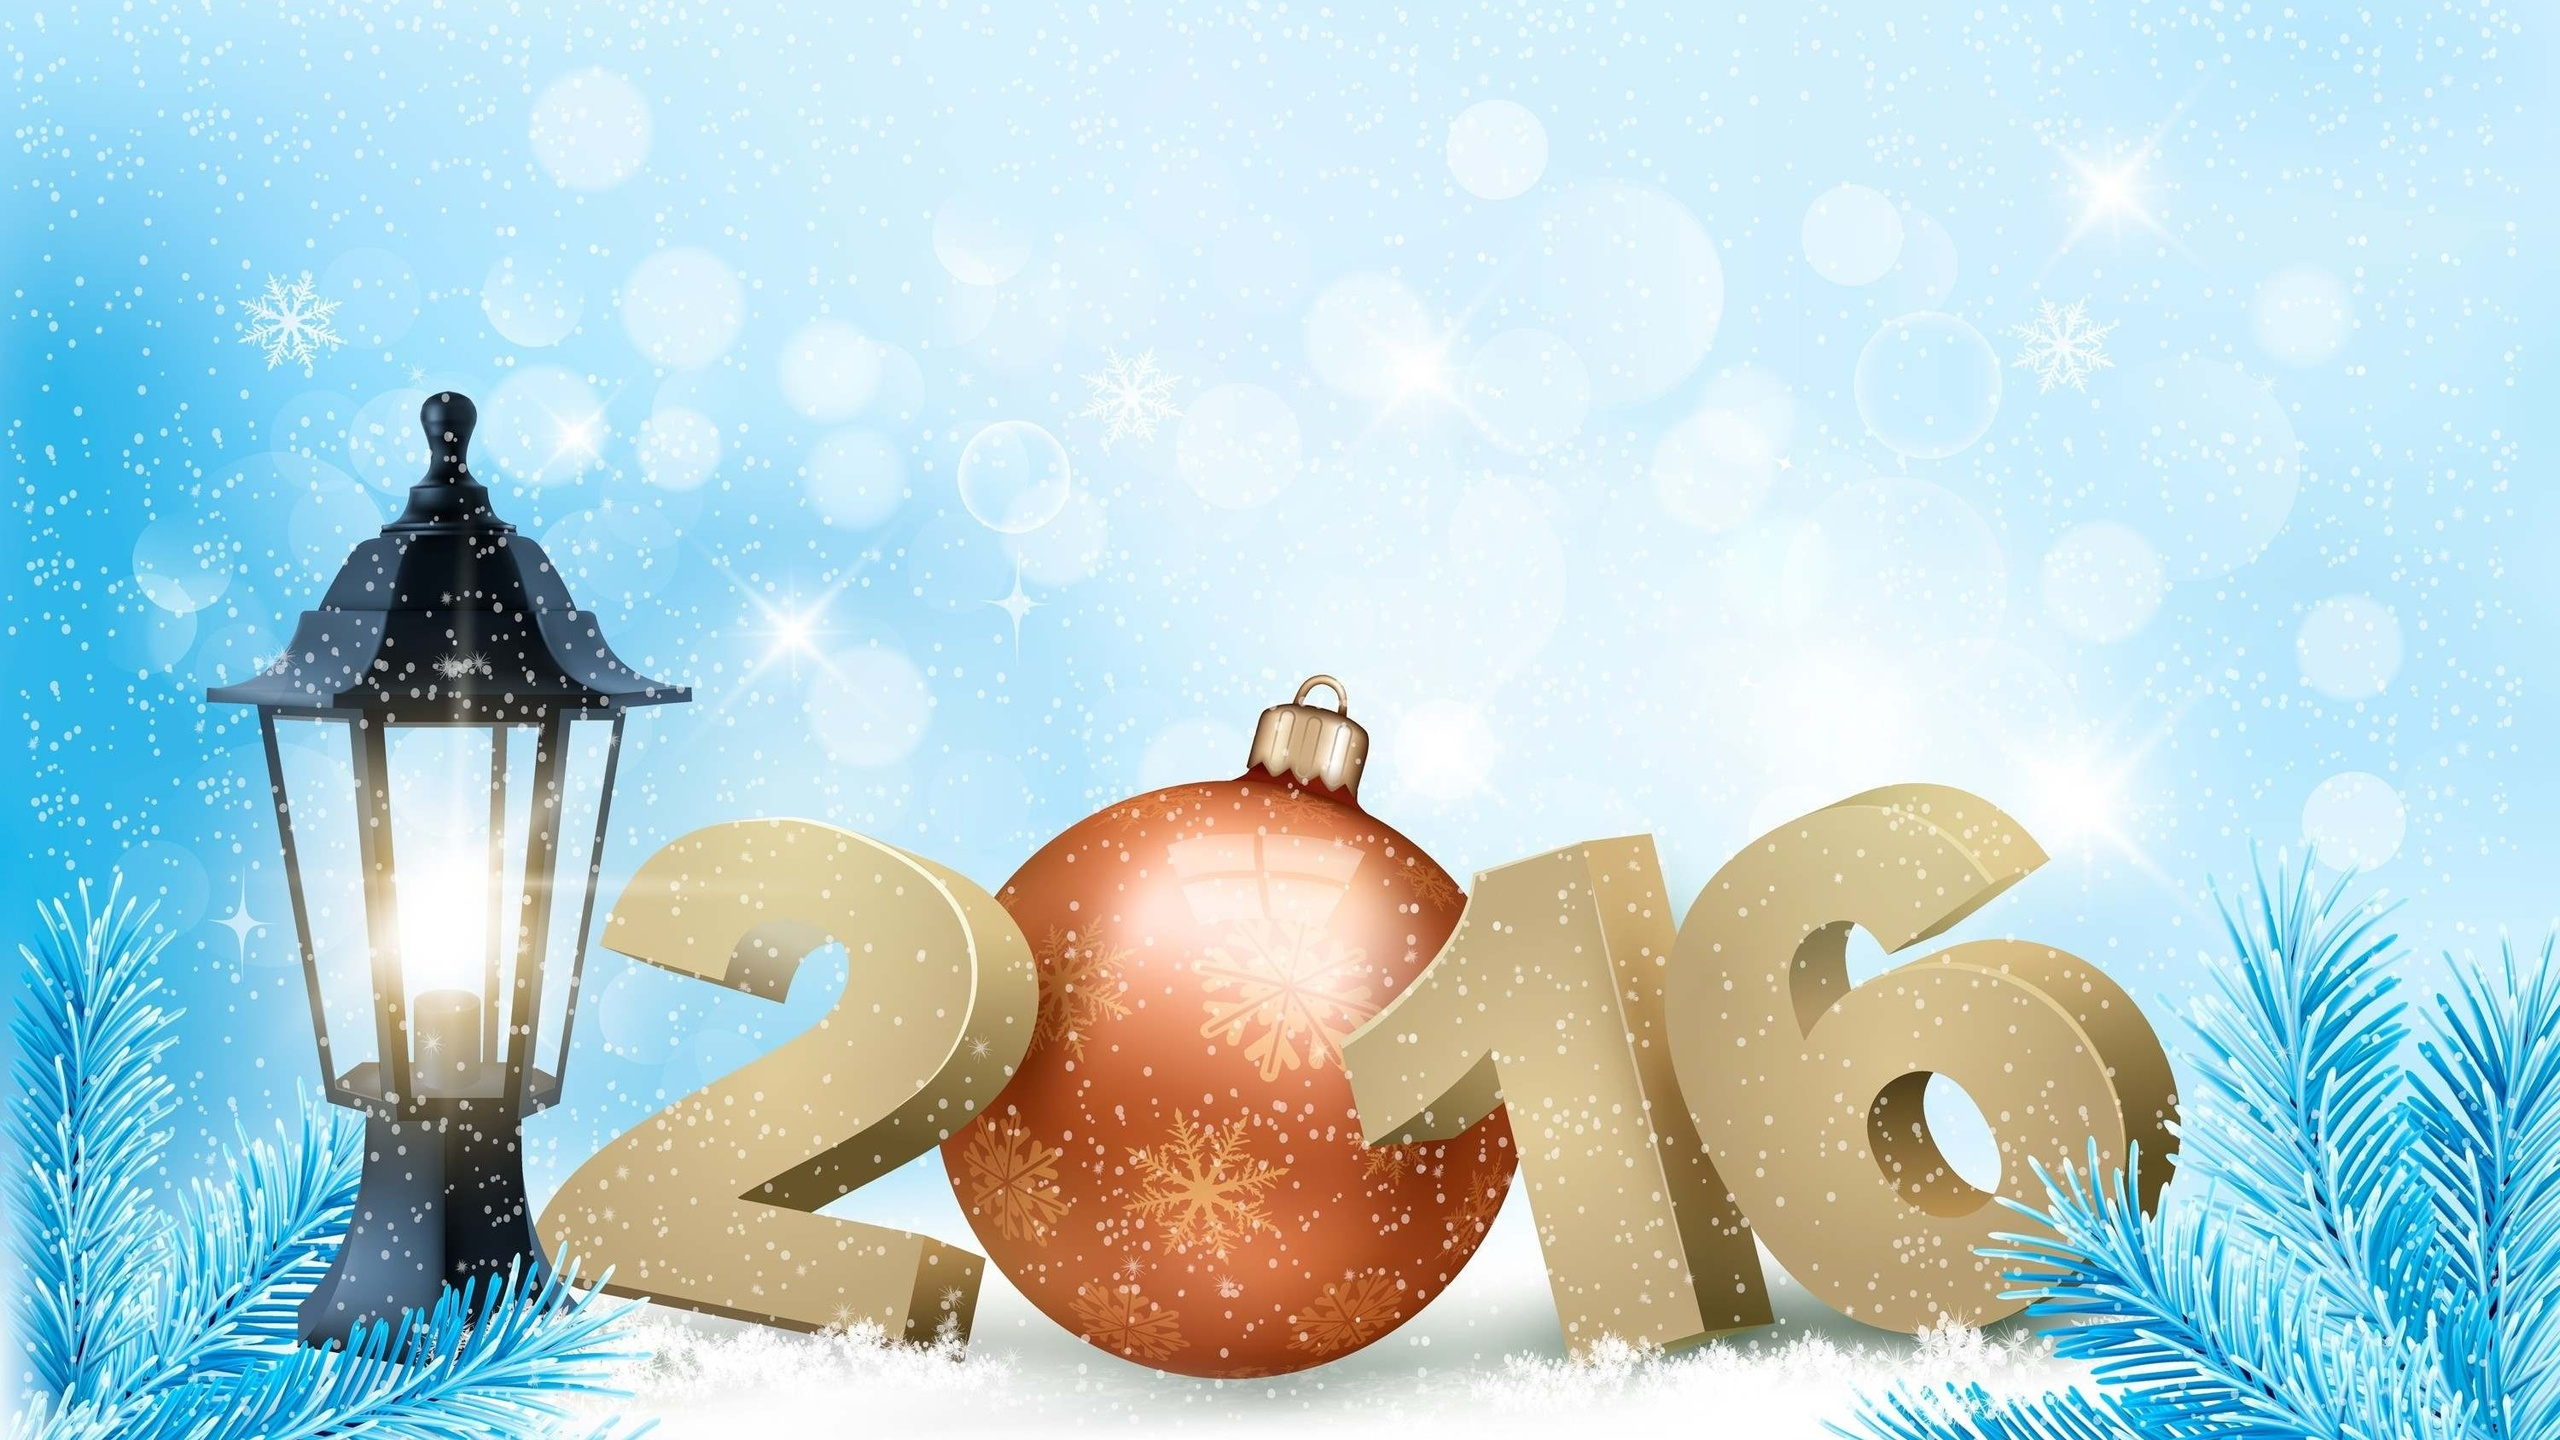 Открытка для новый год 2016, днем